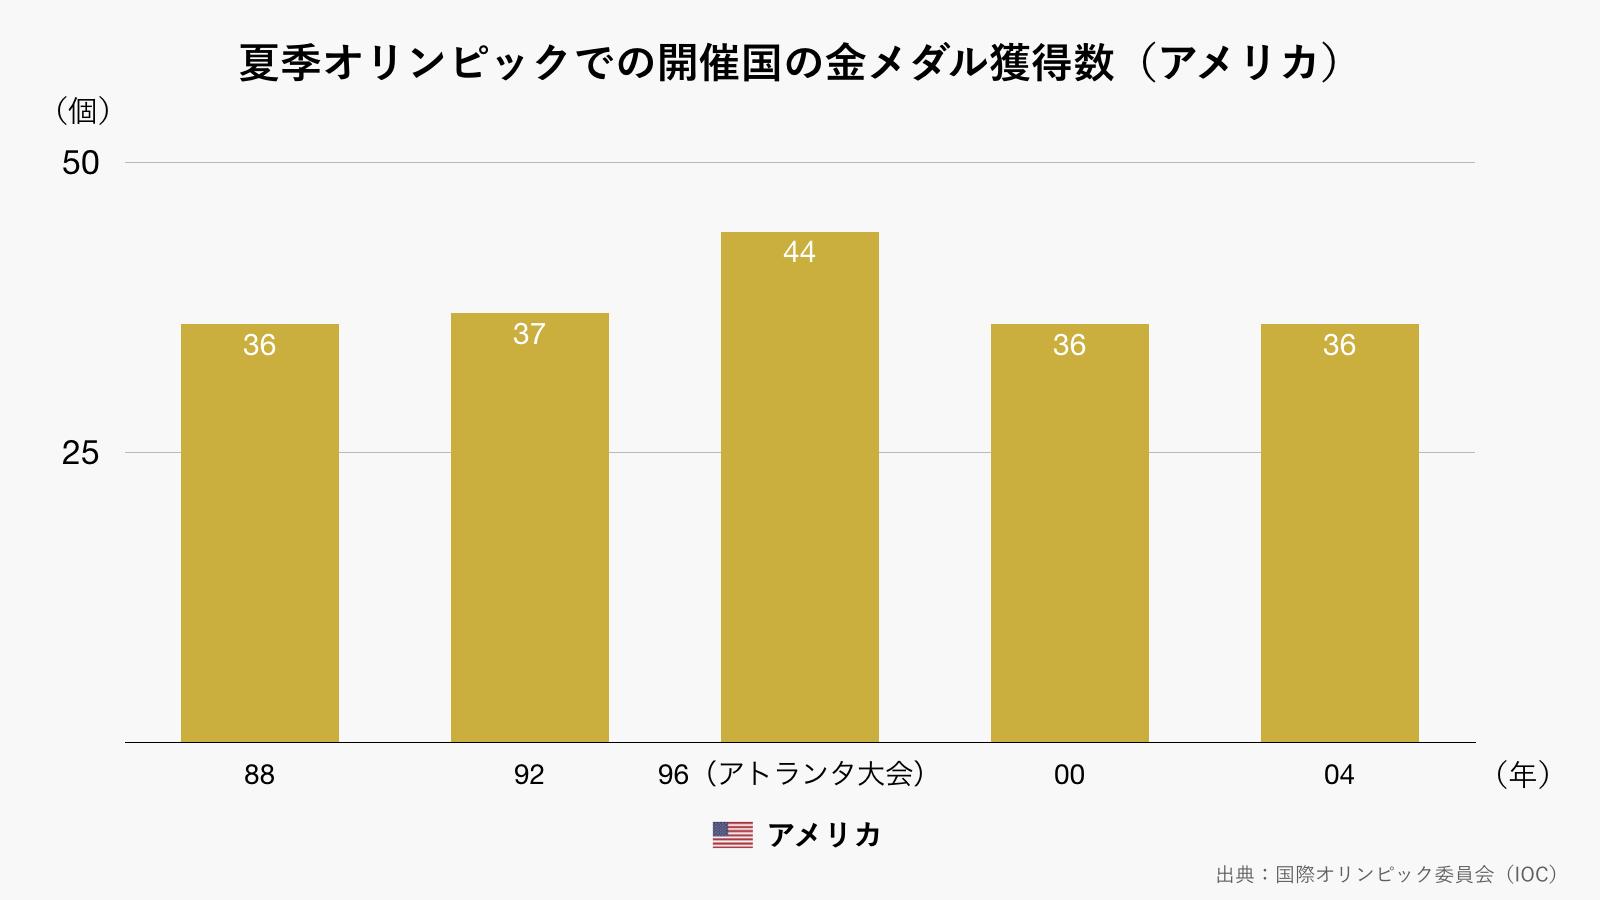 夏季オリンピックでの開催国の金メダル獲得数/アメリカ(グレー)